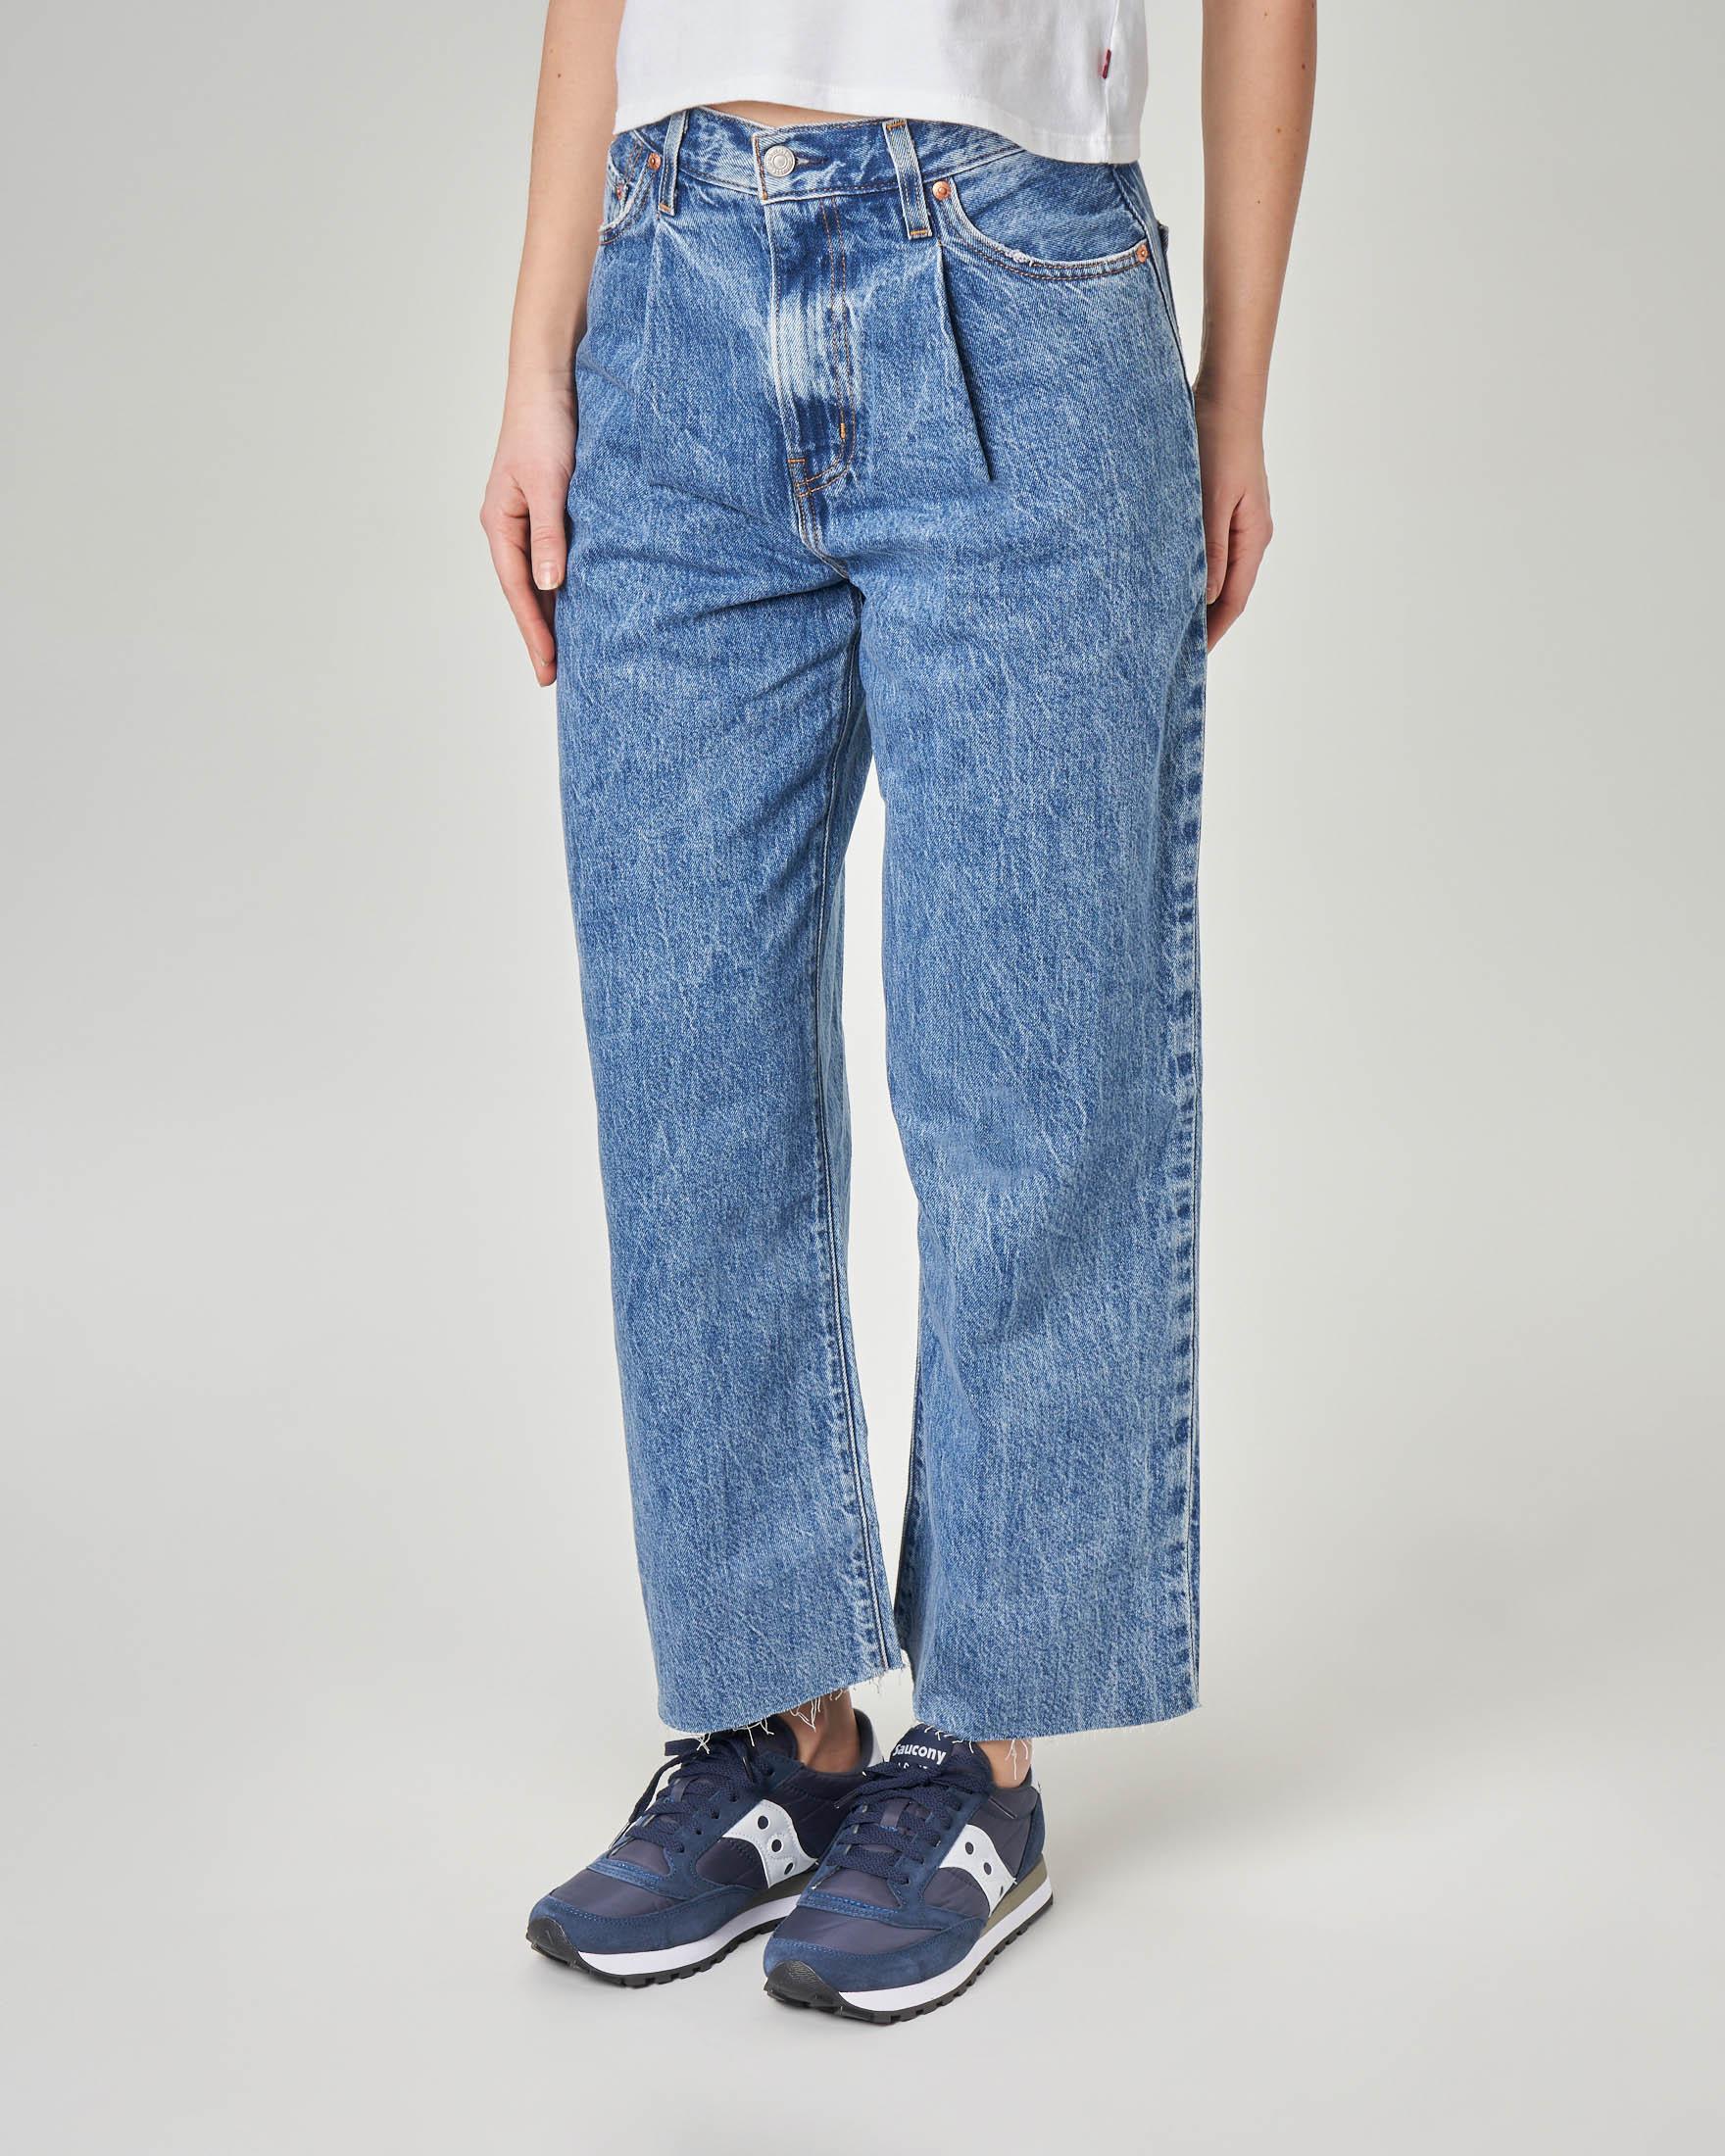 Jeans Ribcage flare con pince in vita